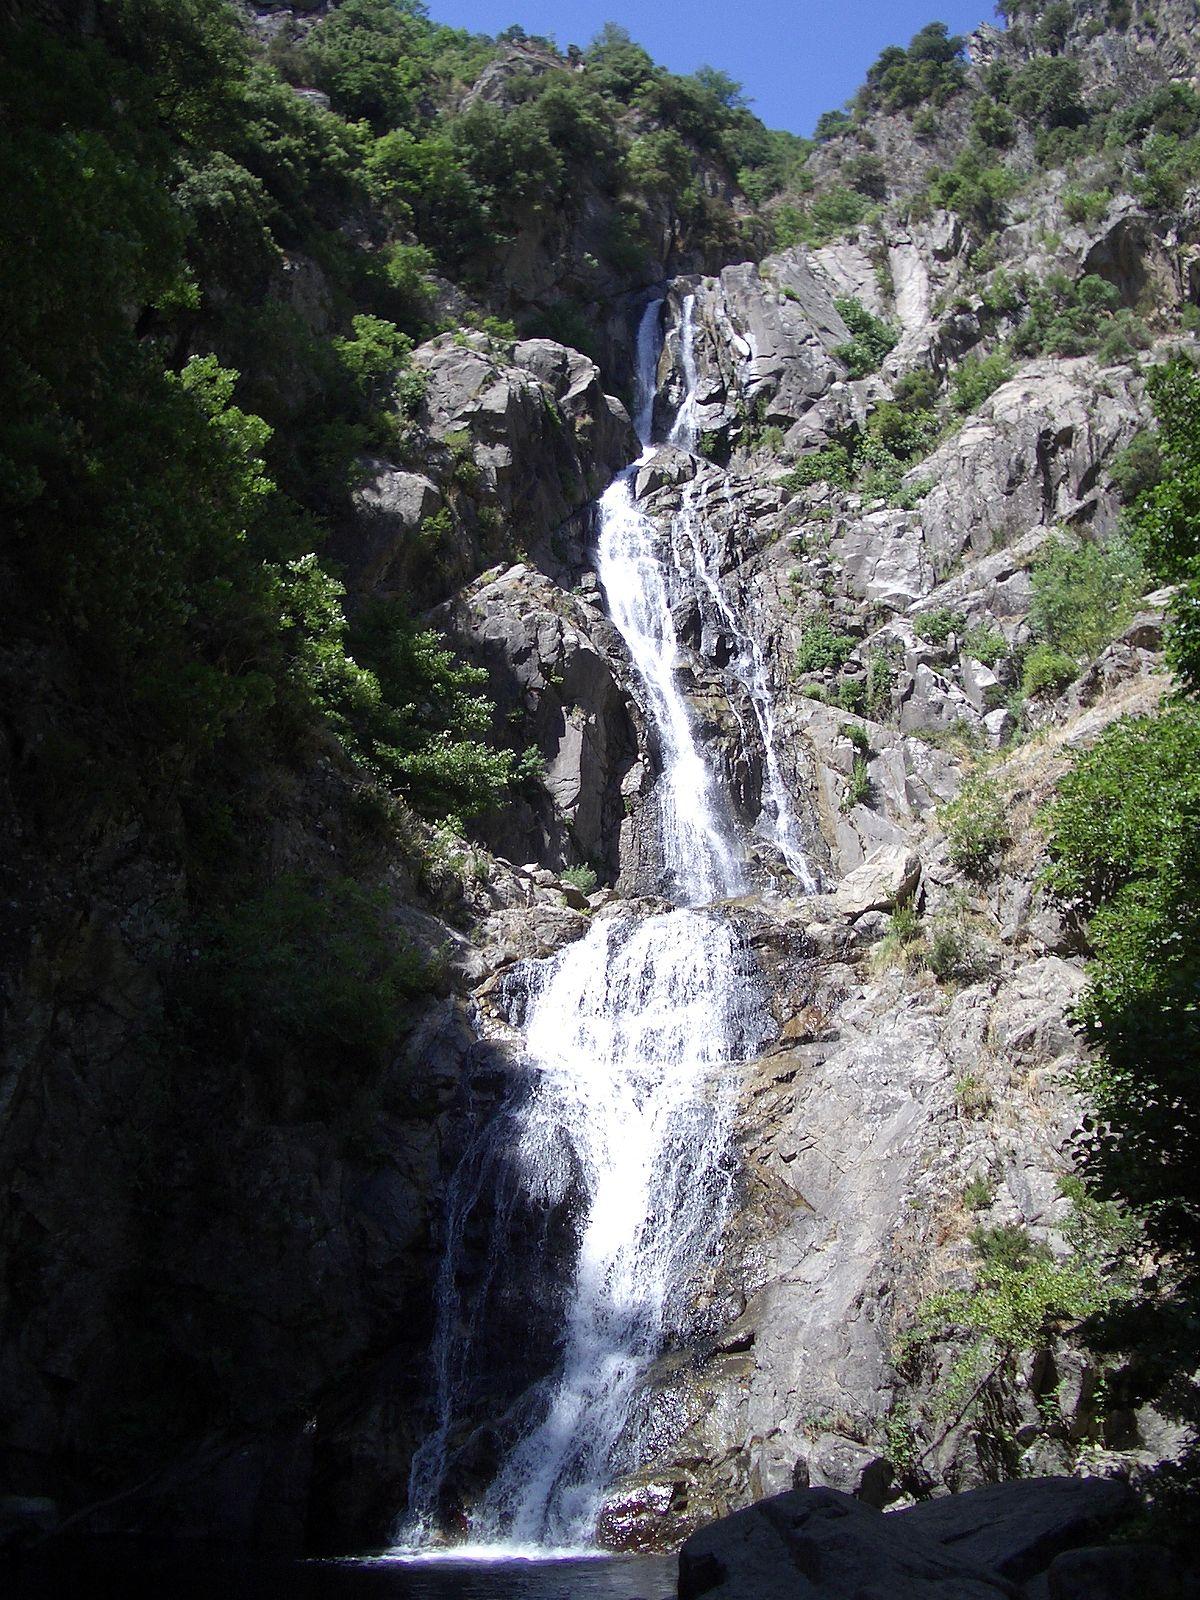 Cascata del marmarico wikipedia for Cascata laghetto